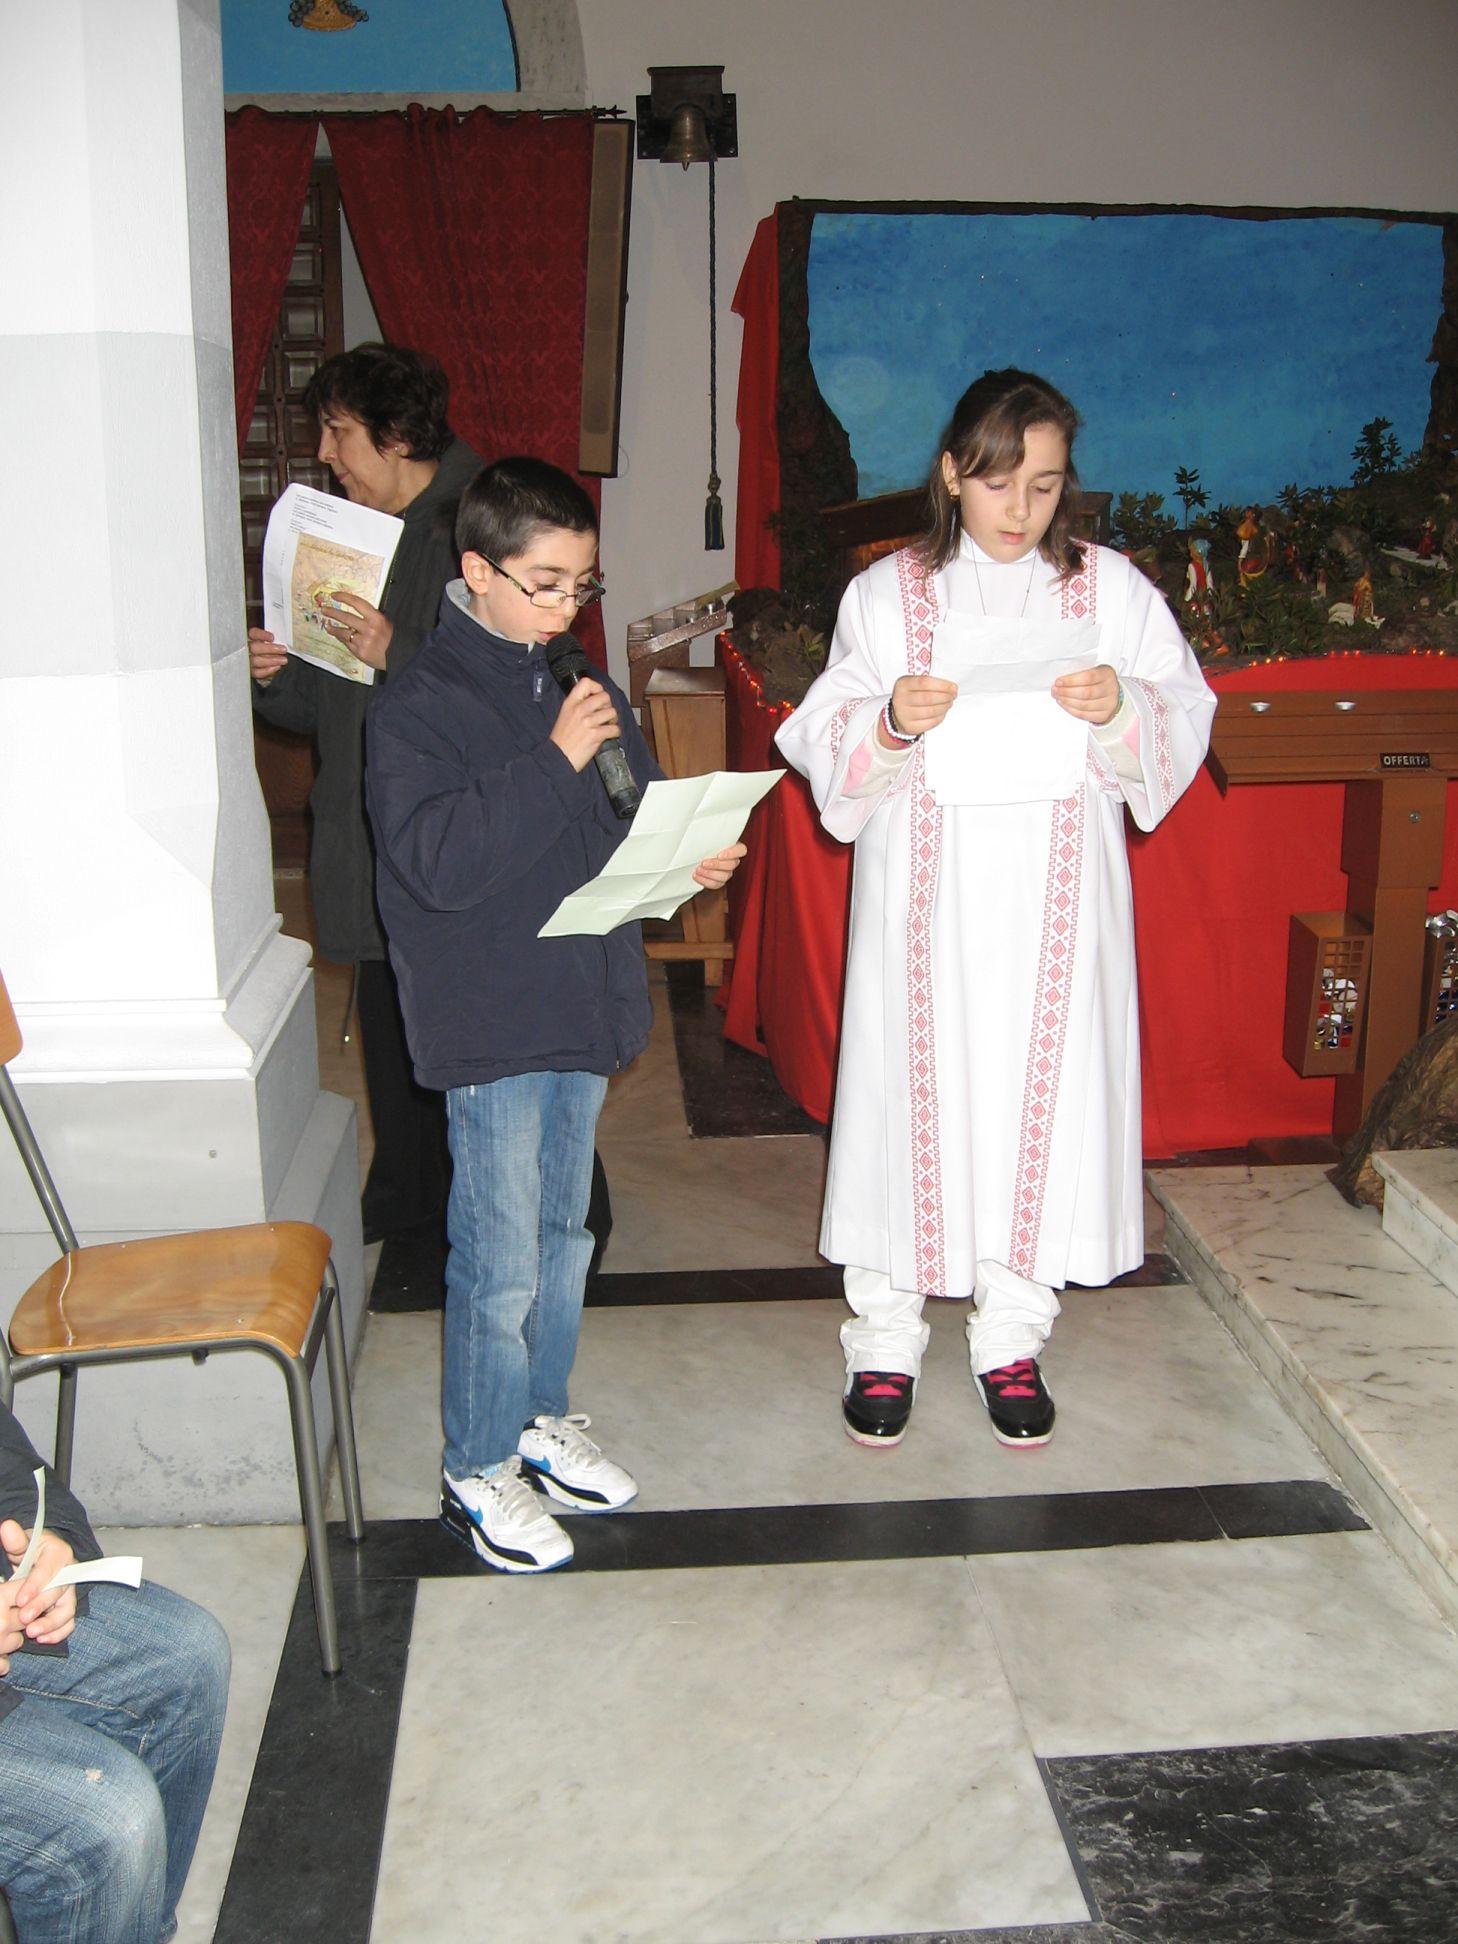 Recita_Natale-2009-12-24--18.01.30